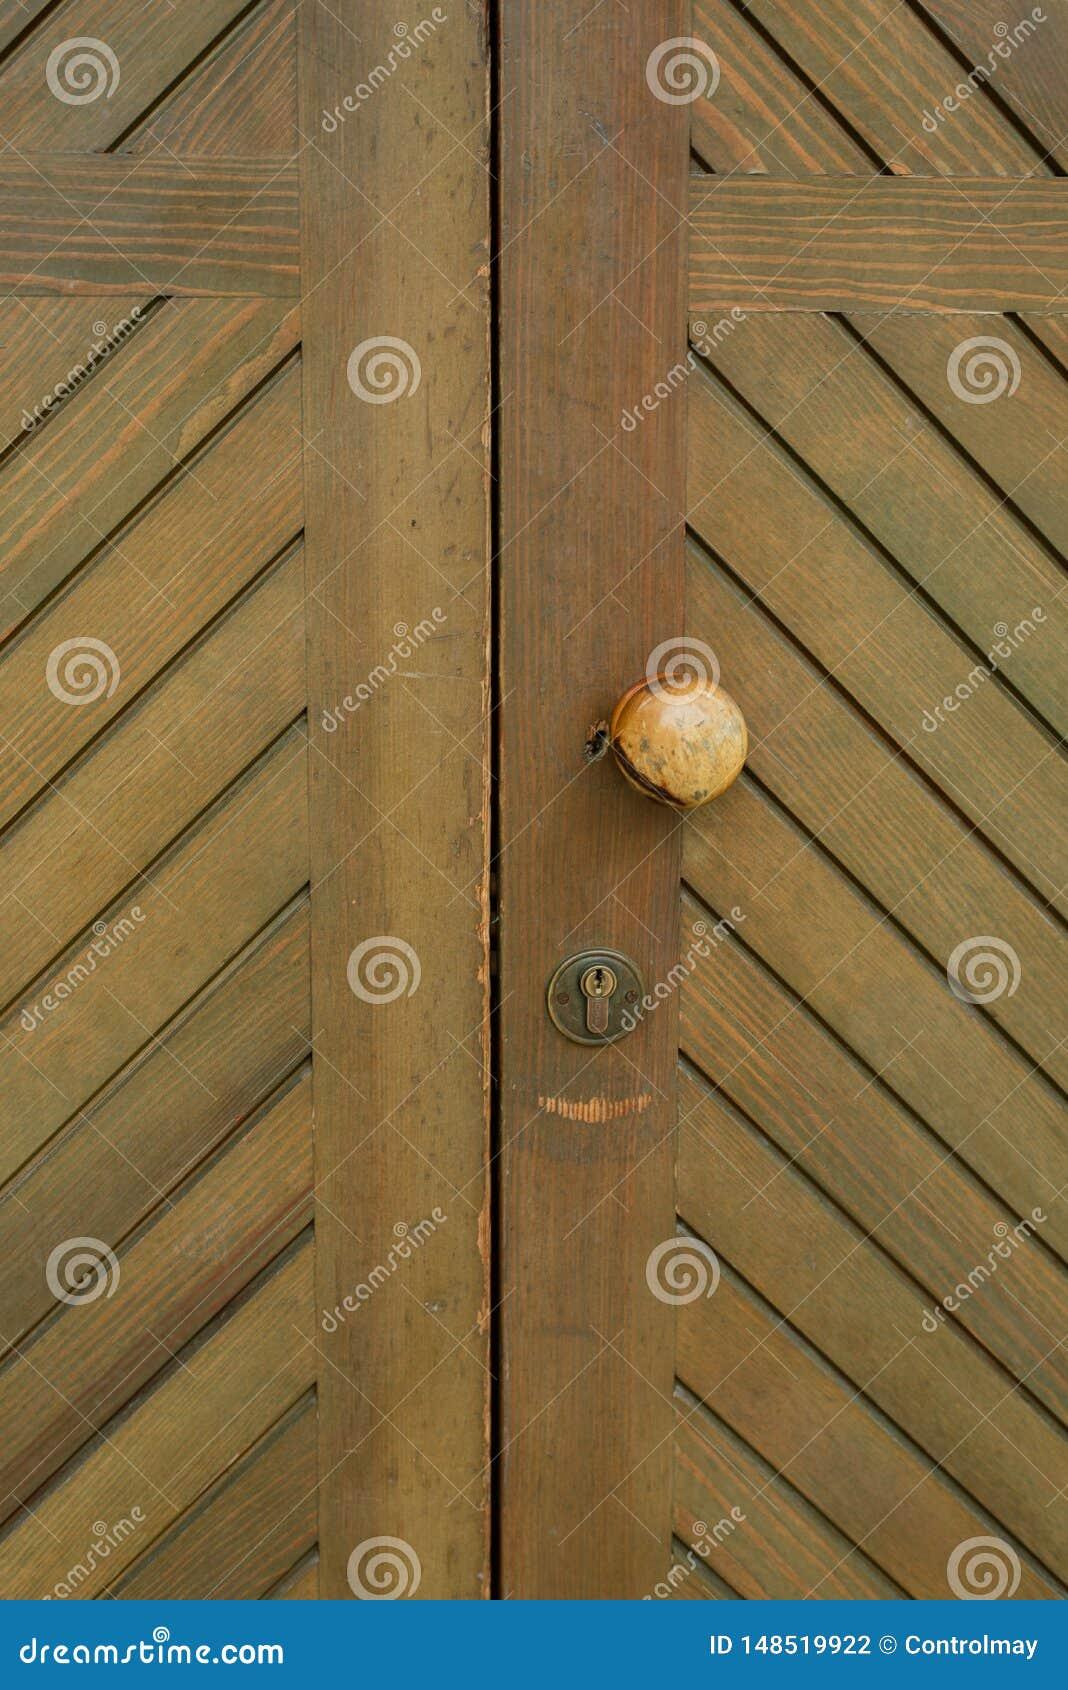 round old door knob